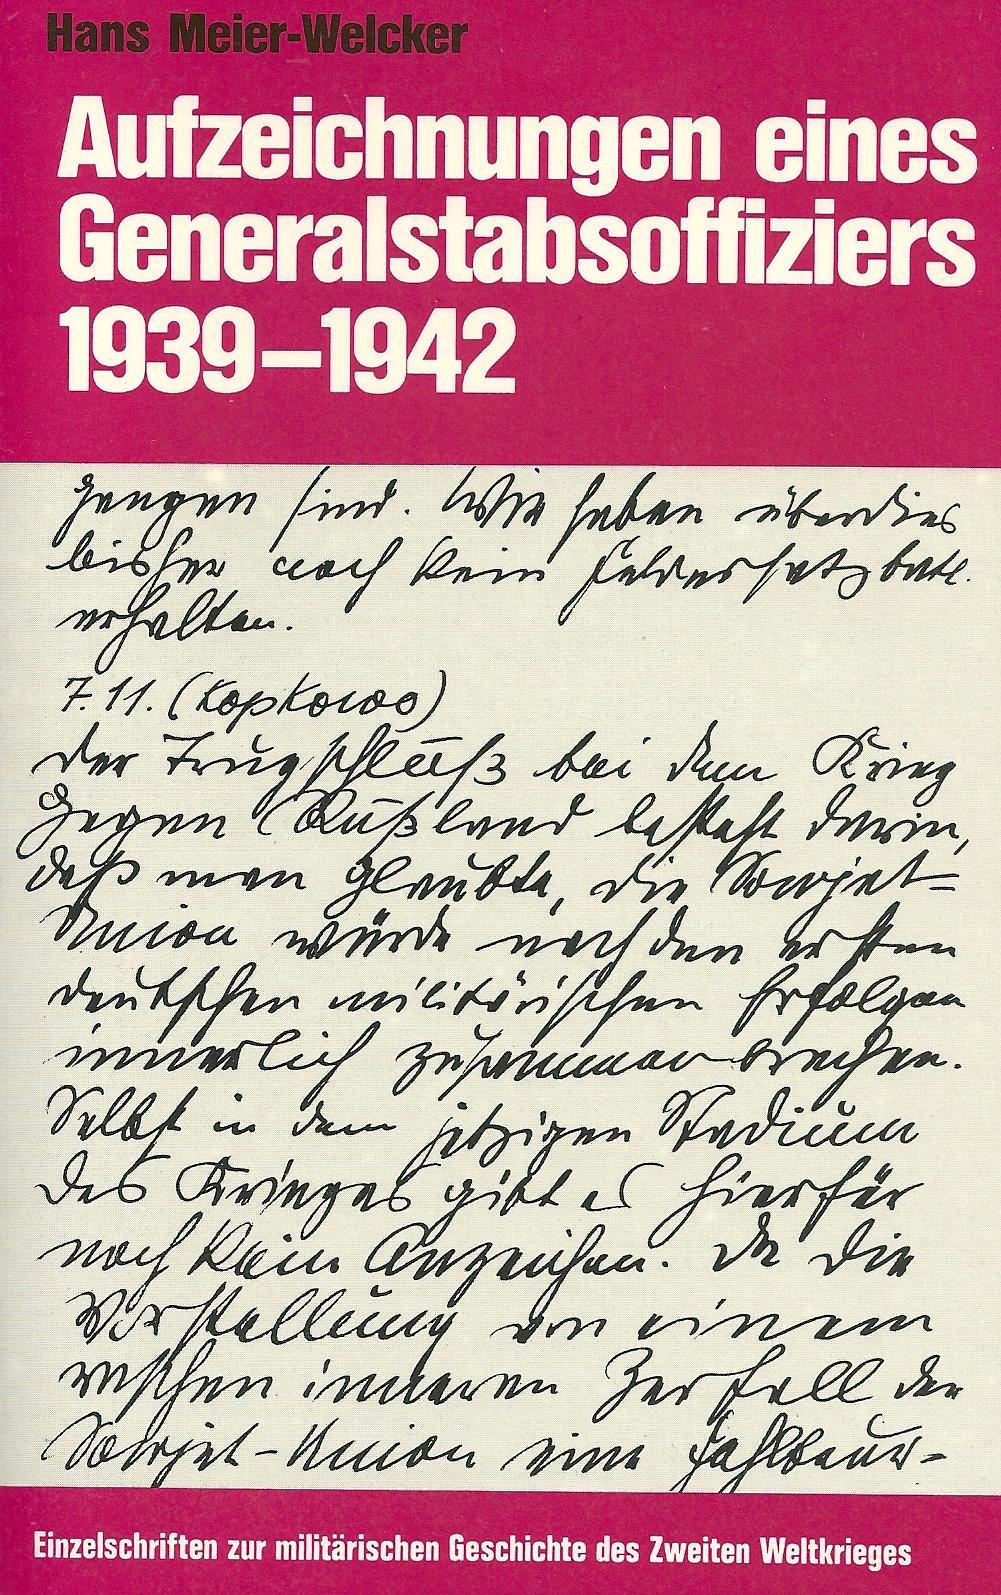 Aufzeichnungen eines Generalstabsoffiziers 1939-1942 (Einzelschriften zur Militärgeschichte)